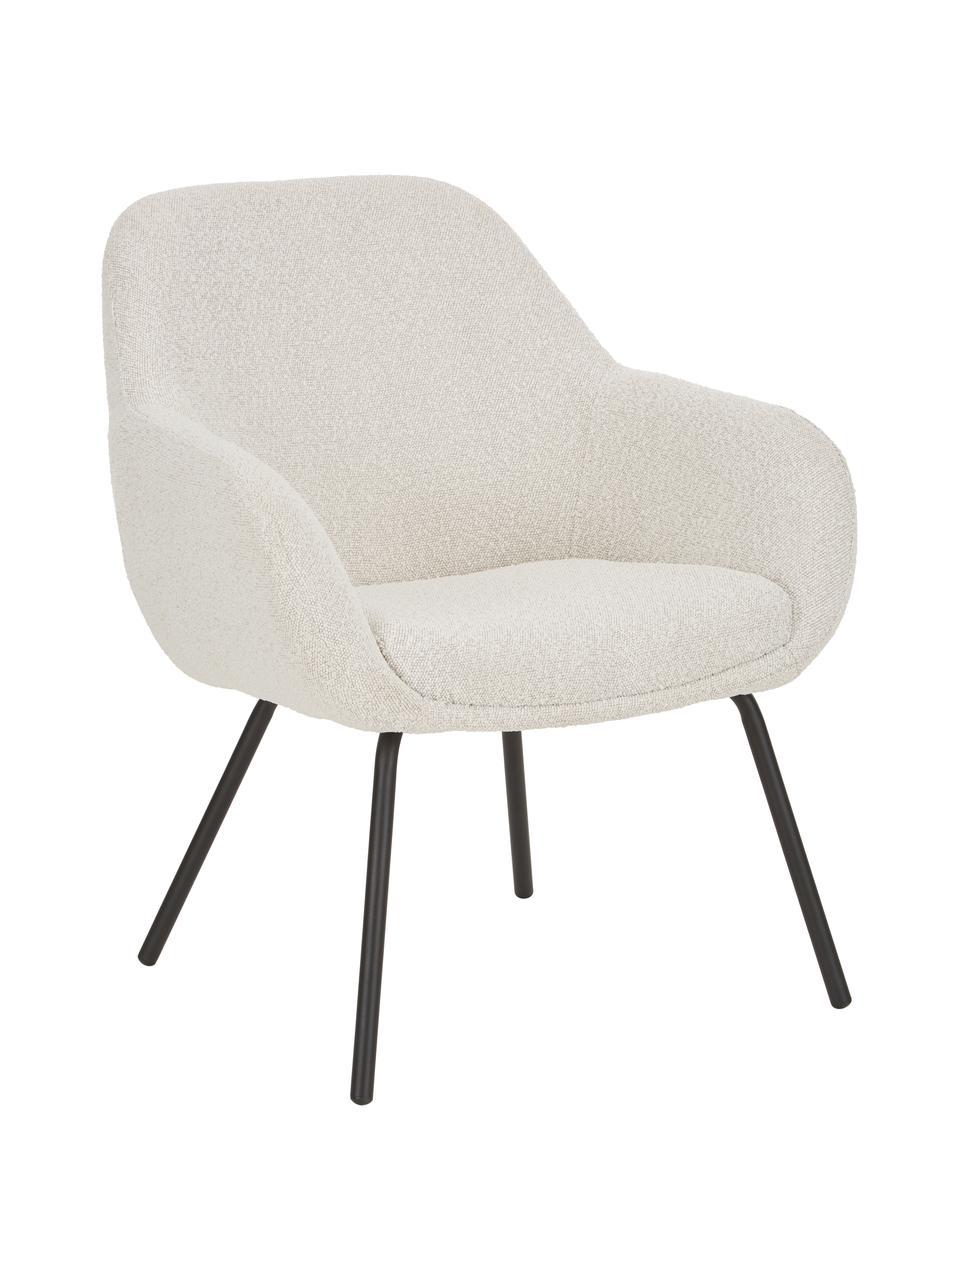 Fotel koktajlowy Jana, Tapicerka: poliester (materiał tekst, Nogi: metalowe, lakierowane pro, Kremowobiały teddy, S 72 x G 68 cm